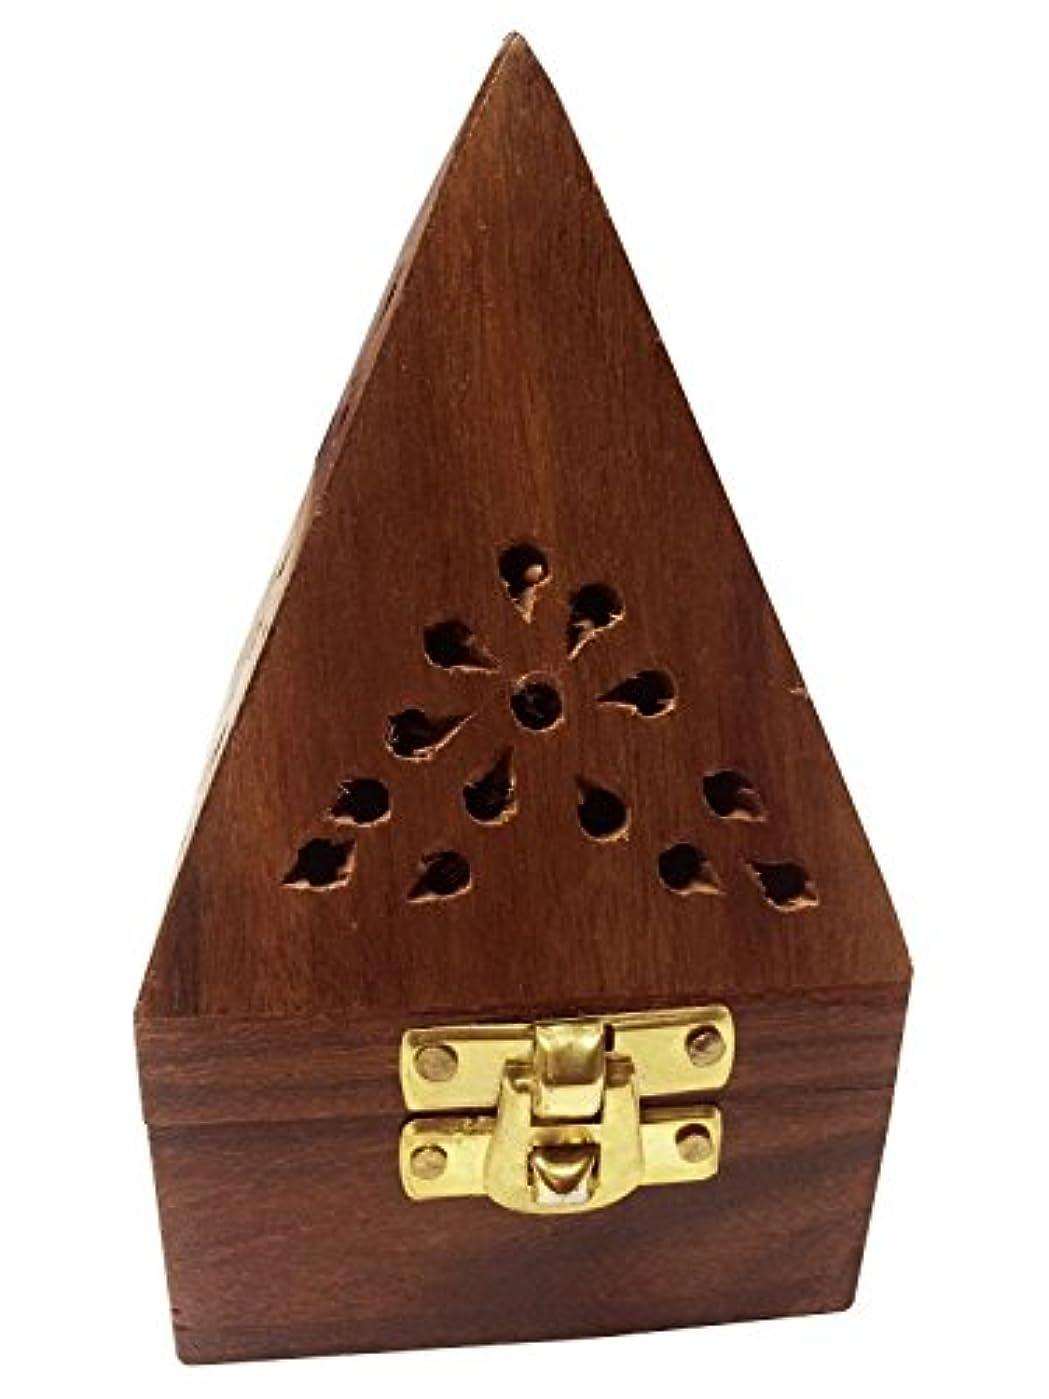 永遠の連隊羊のクリスマス感謝祭ギフト、7インチ木製クラシックピラミッドスタイルBurner ( Dhoopホルダー) with Base正方形とトップ円錐形状、木製香炉ボックス、木製チャコール/円錐Burner